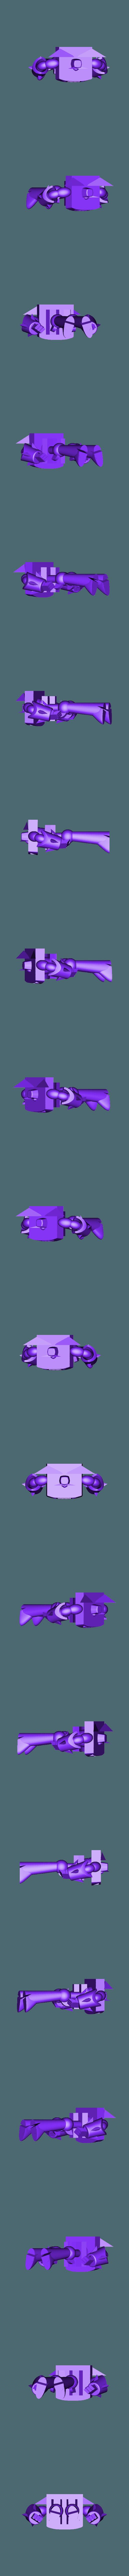 Robo_Devo_3000.stl Télécharger fichier STL gratuit Robo Dexo 3000 (Robot du laboratoire de Dexter) • Objet imprimable en 3D, Jangie